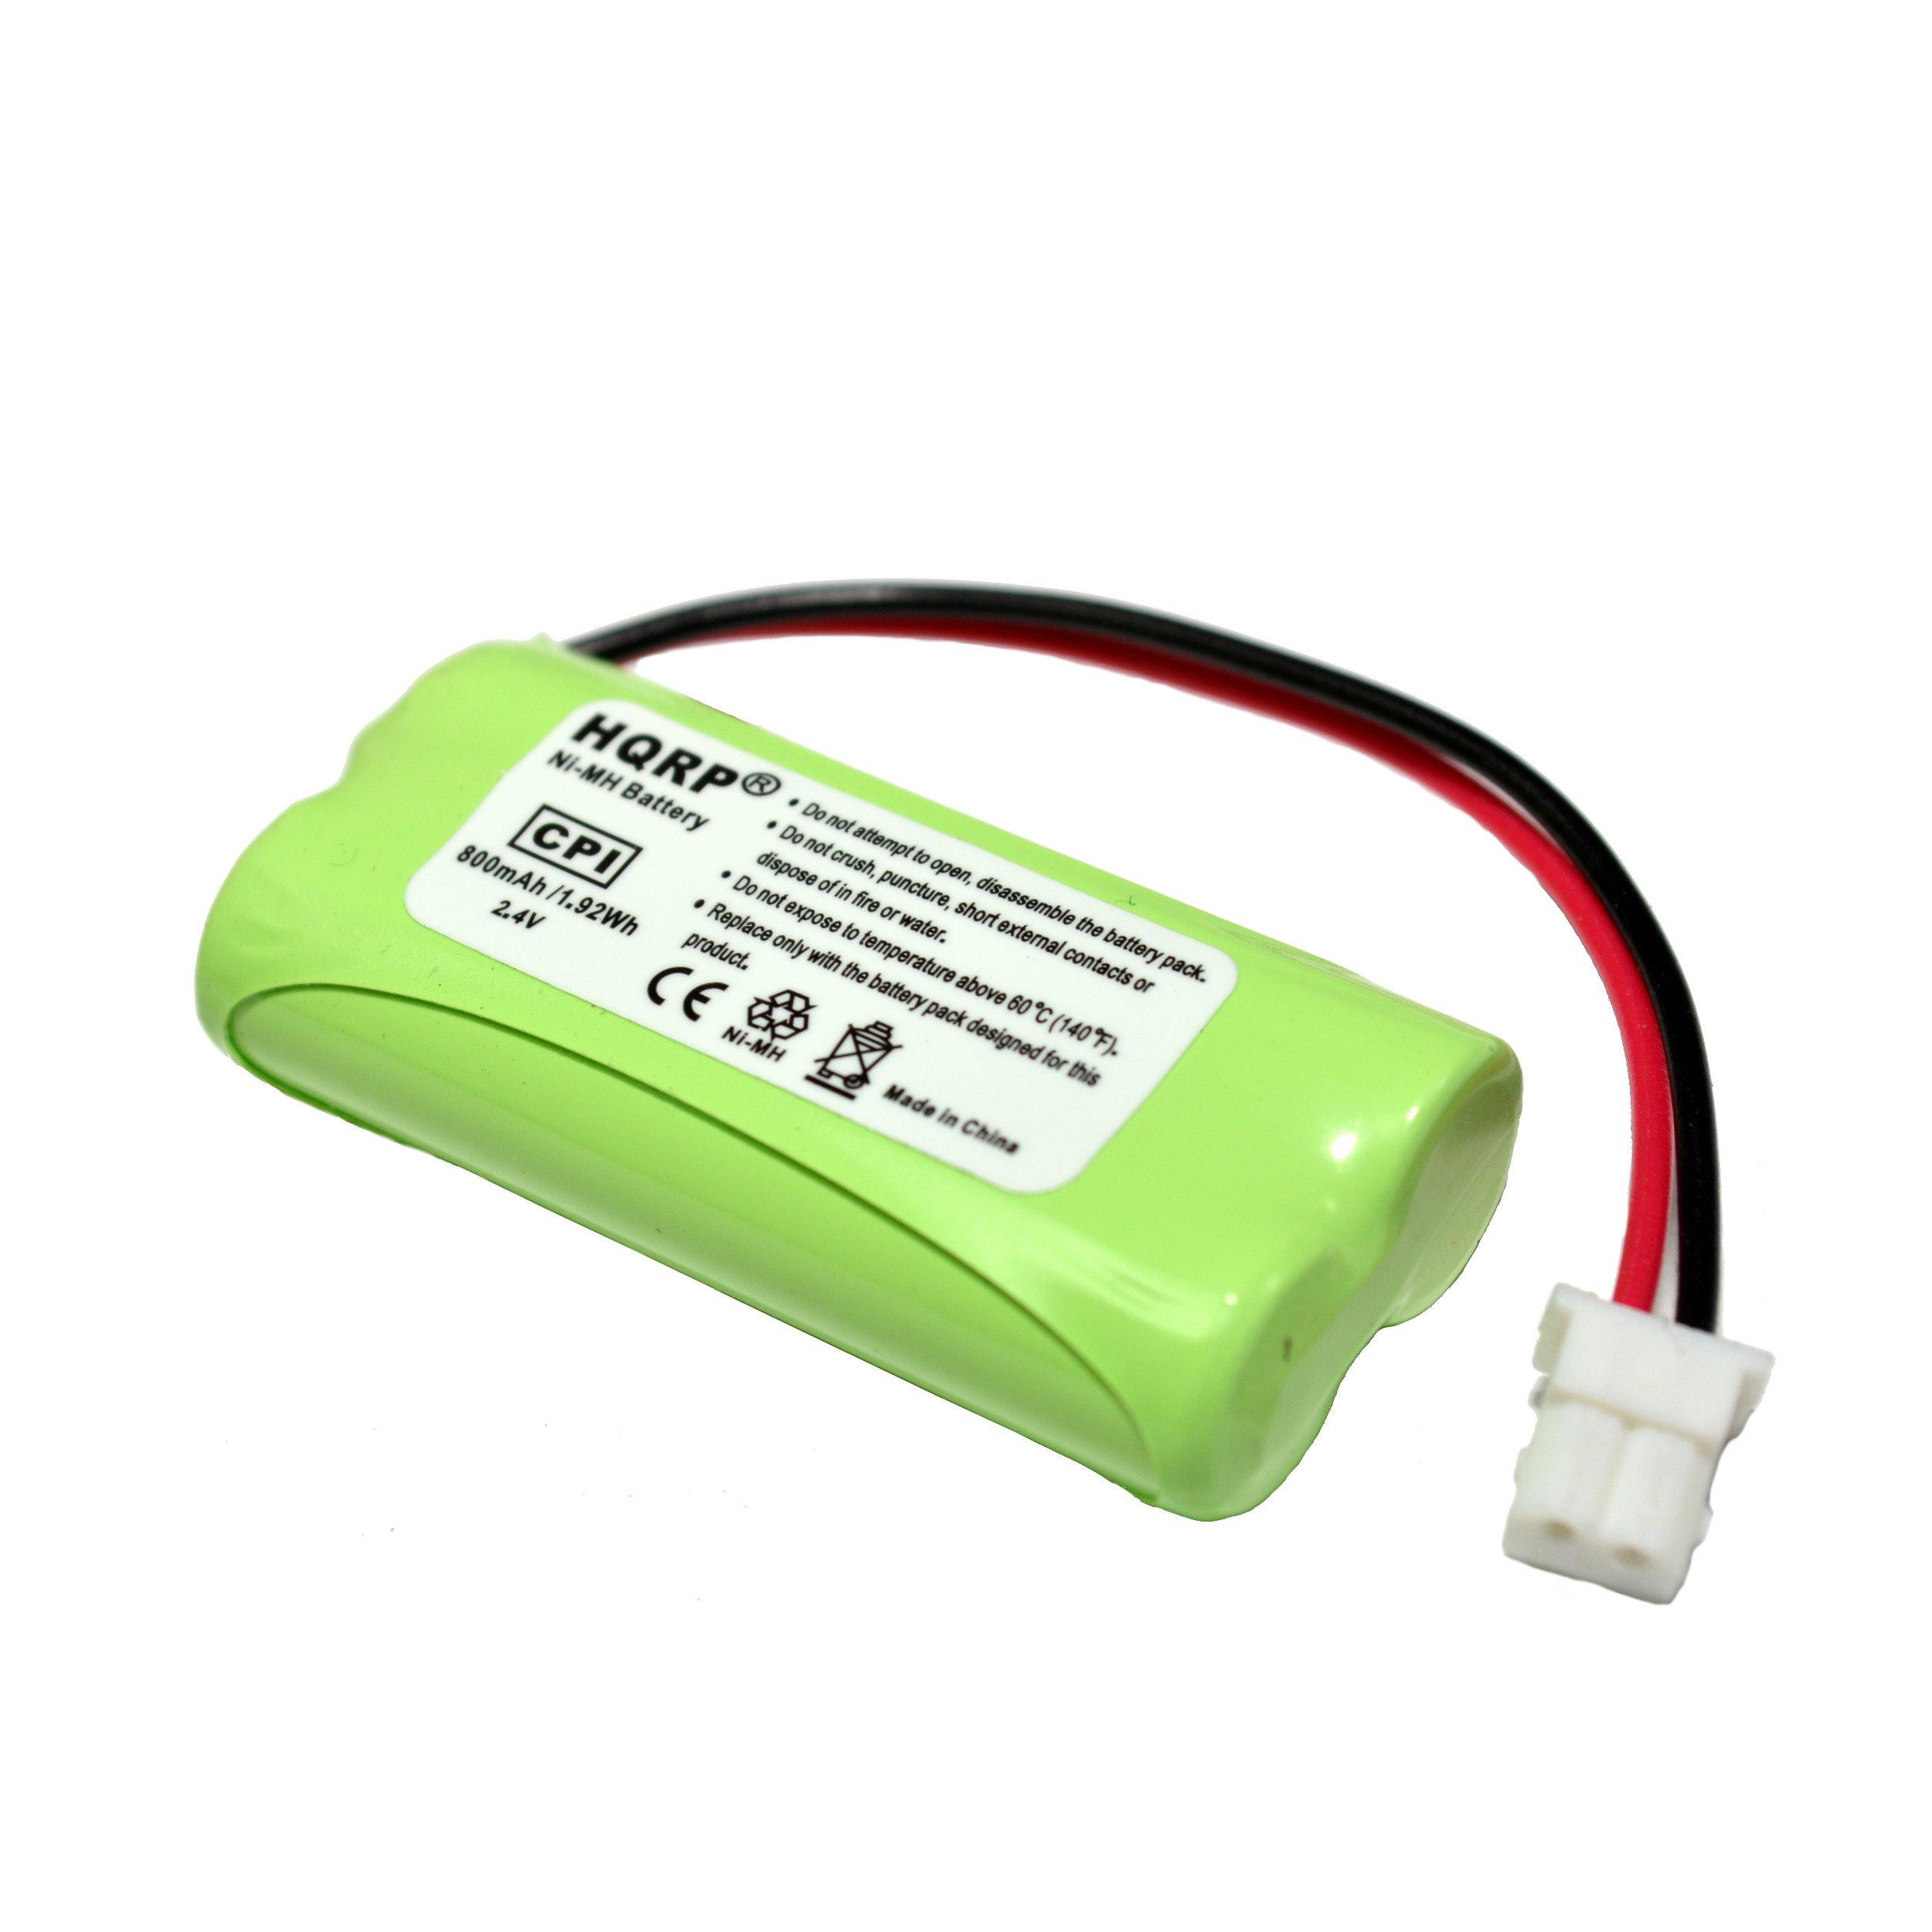 Bateria Para VTech BT162342 BT262342 89-1347-01-00 891347010